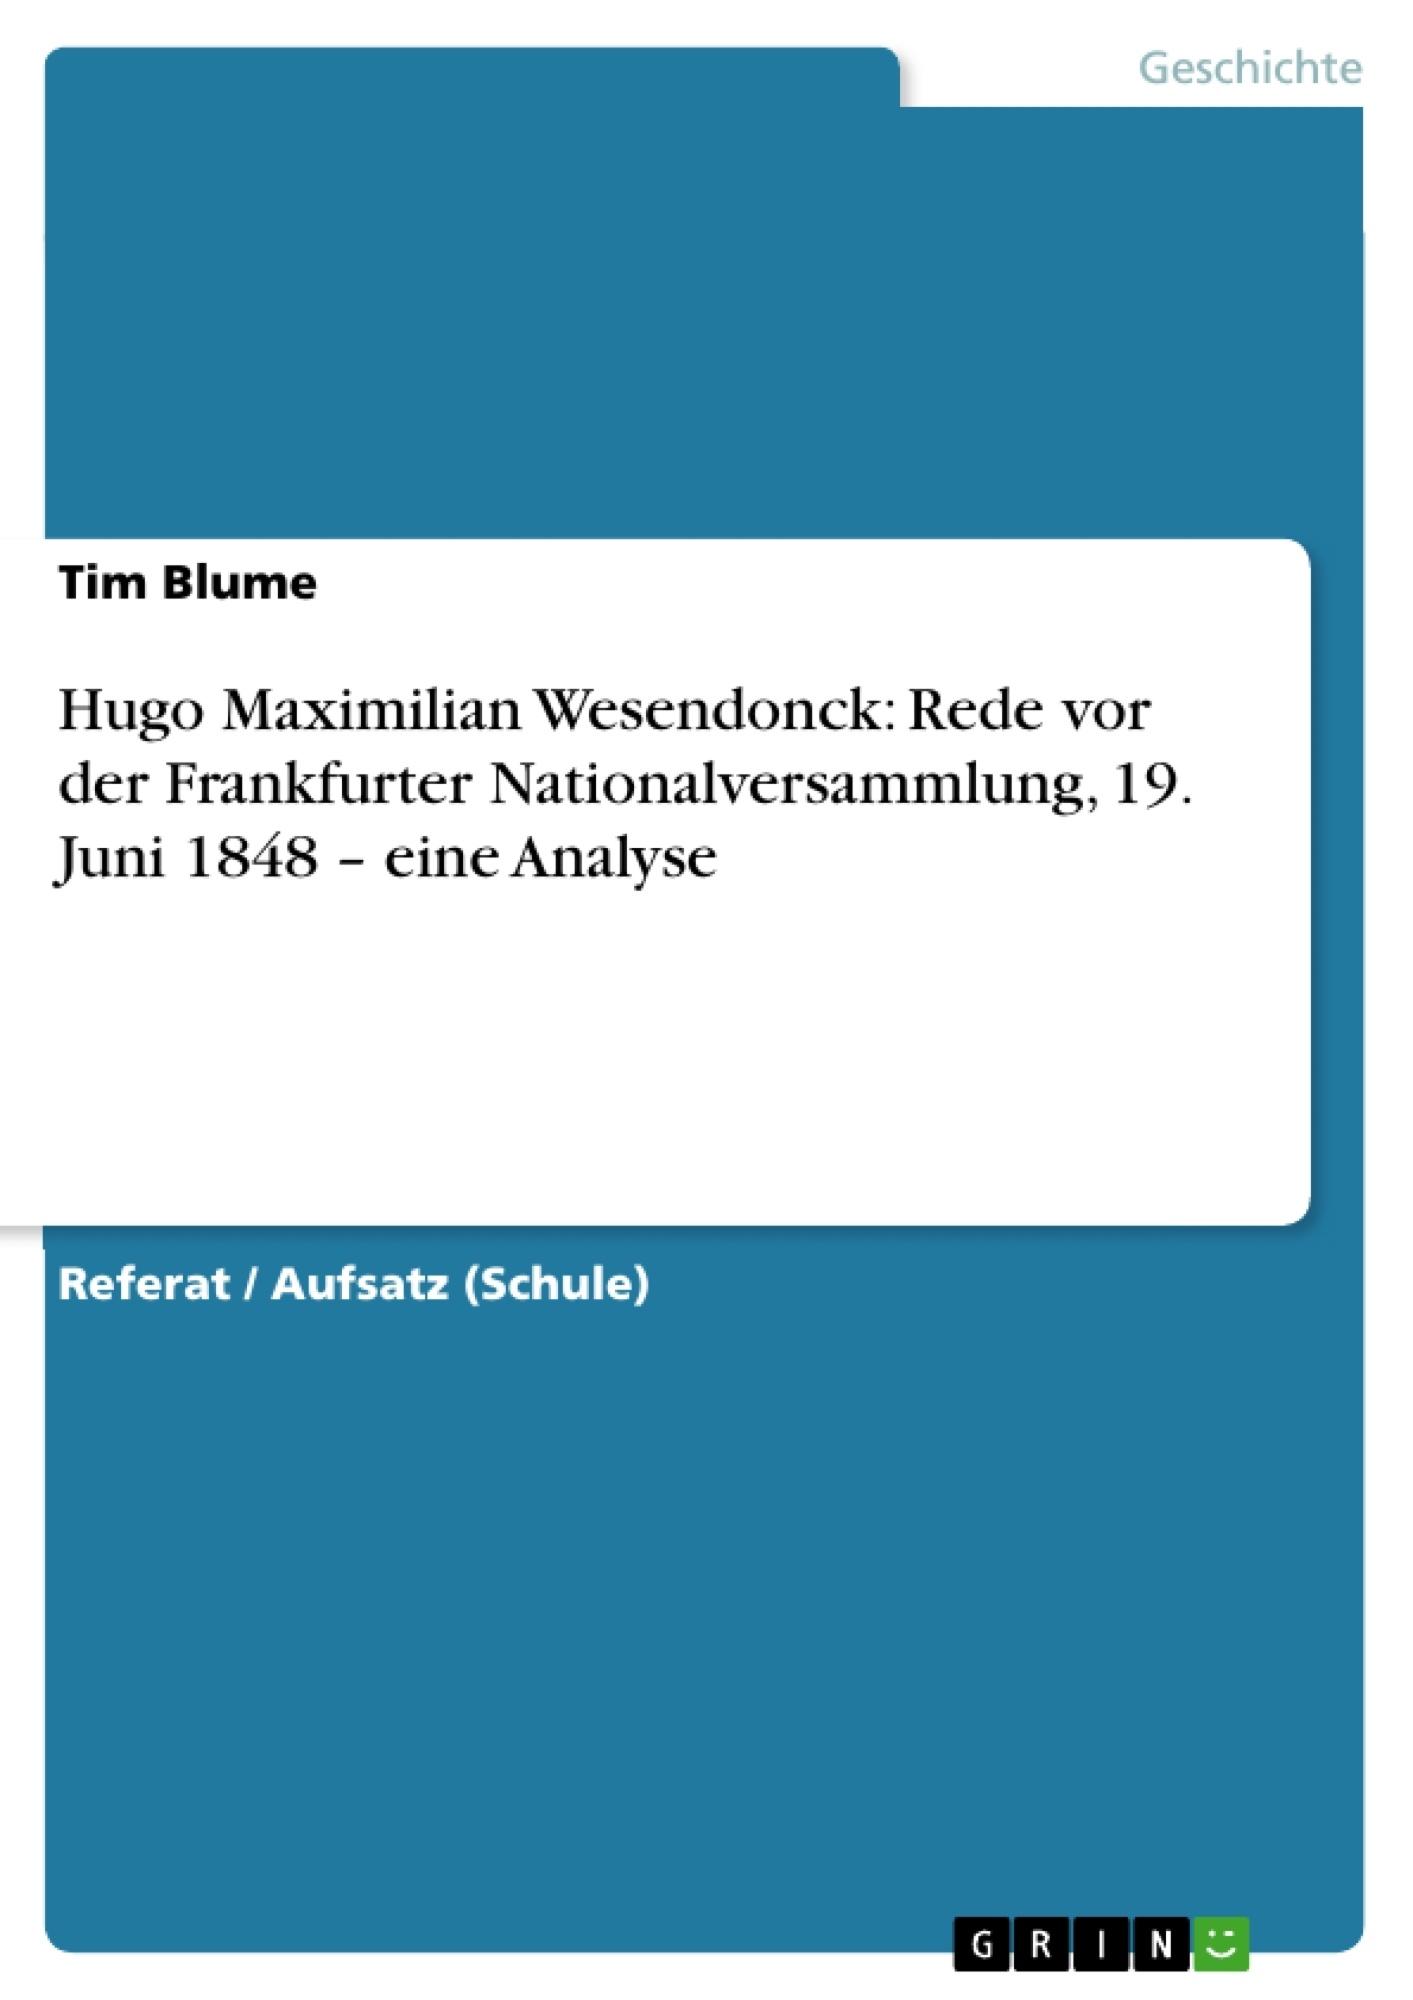 Titel: Hugo Maximilian Wesendonck: Rede vor der Frankfurter Nationalversammlung, 19. Juni 1848 – eine Analyse